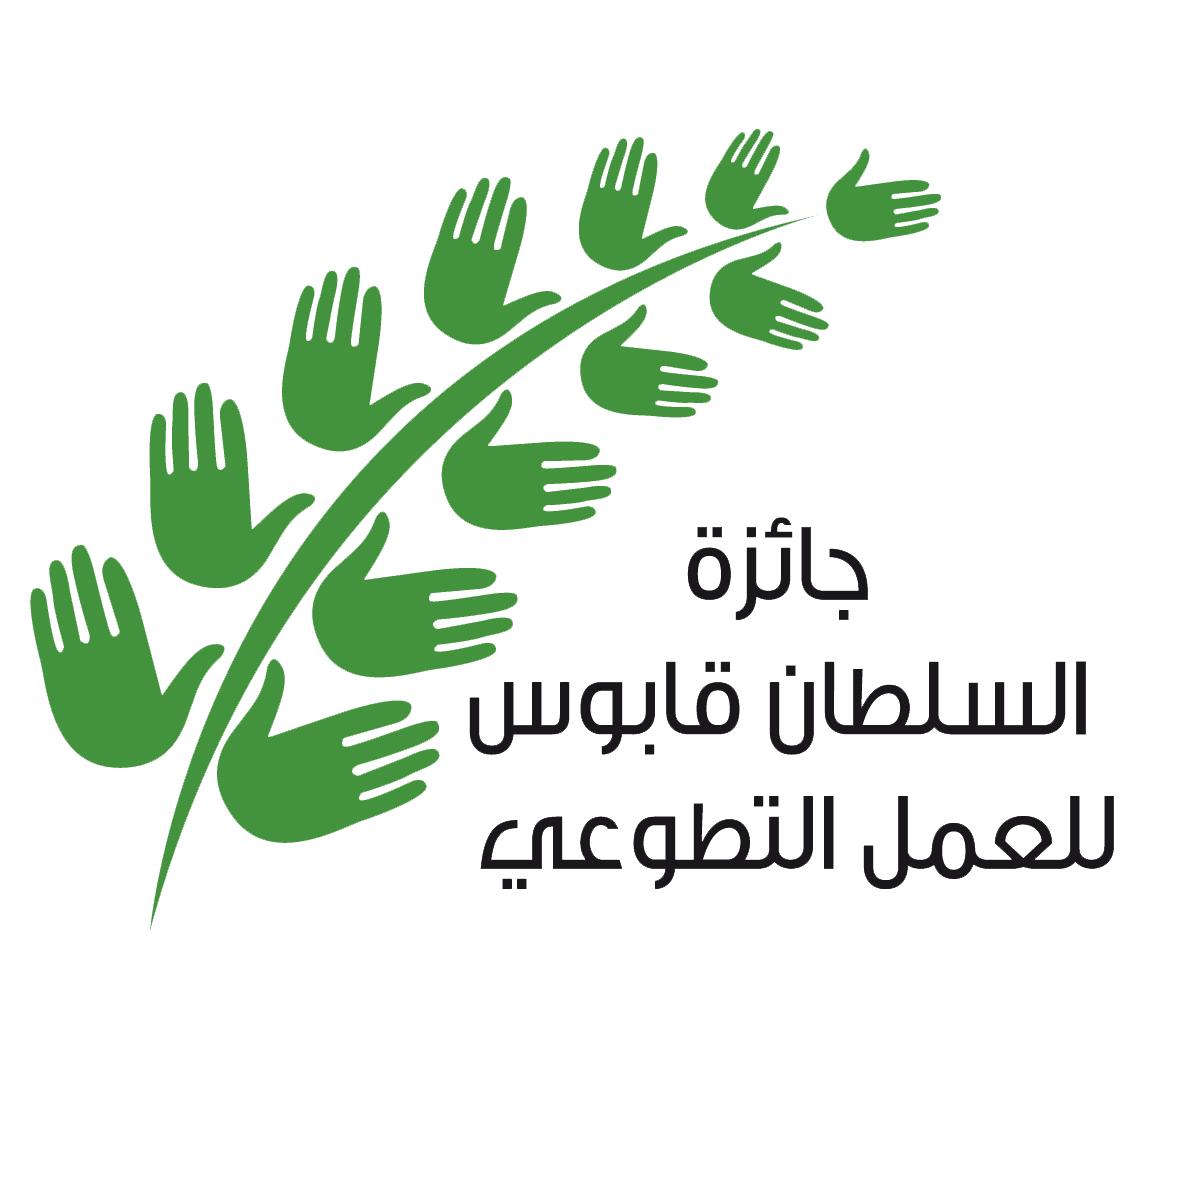 جائزة السلطان قابوس للعمل التطوعي ويكيبيديا